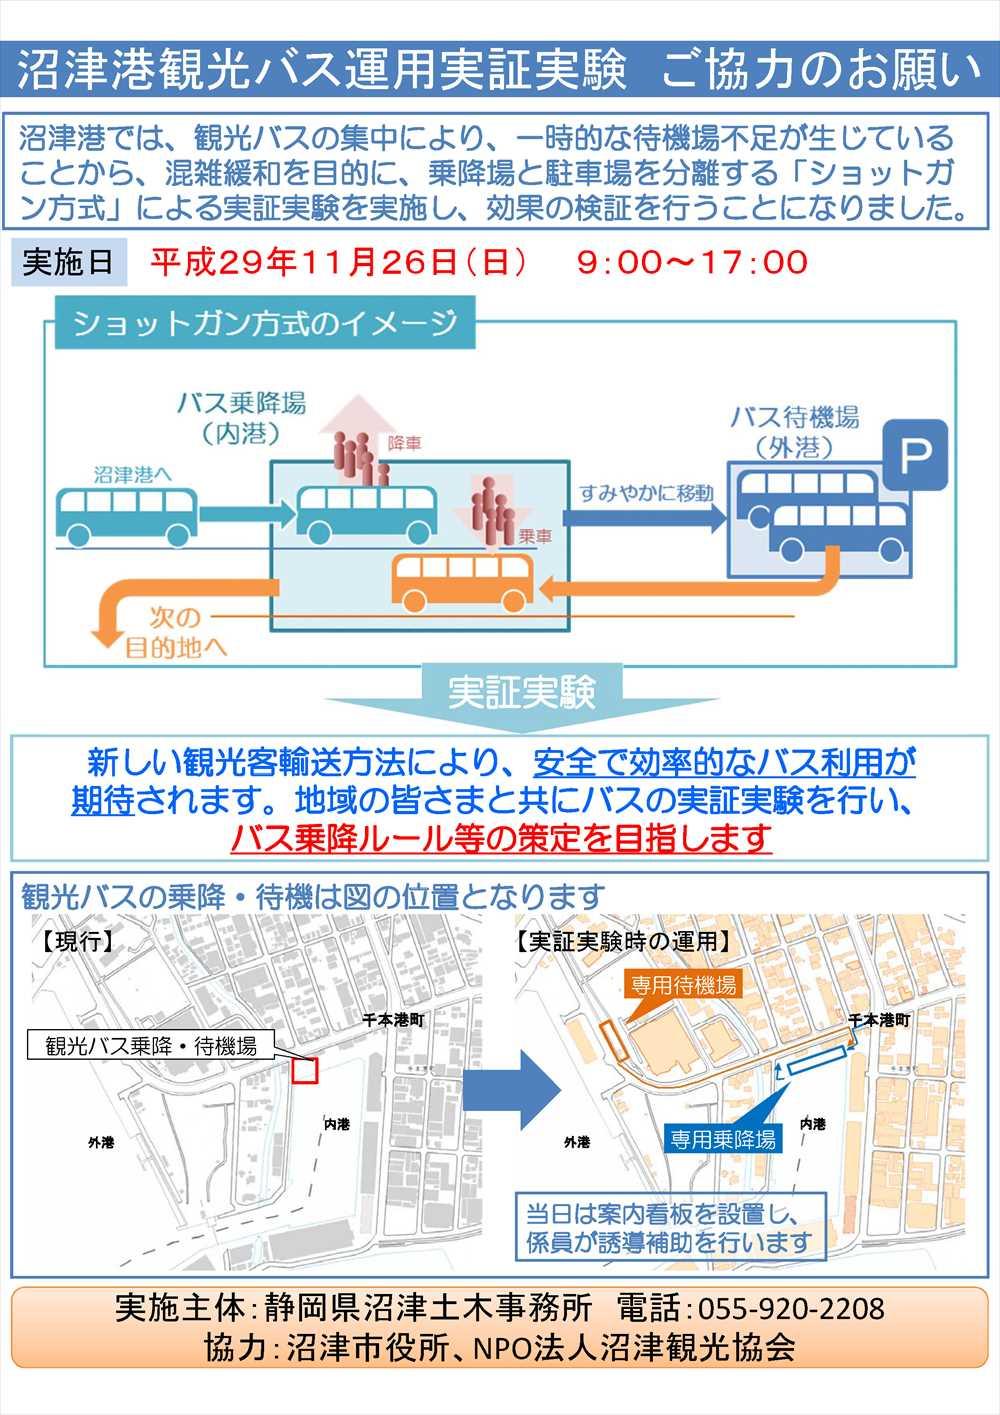 沼津港観光バス運用実証実験 ご協力のお願い